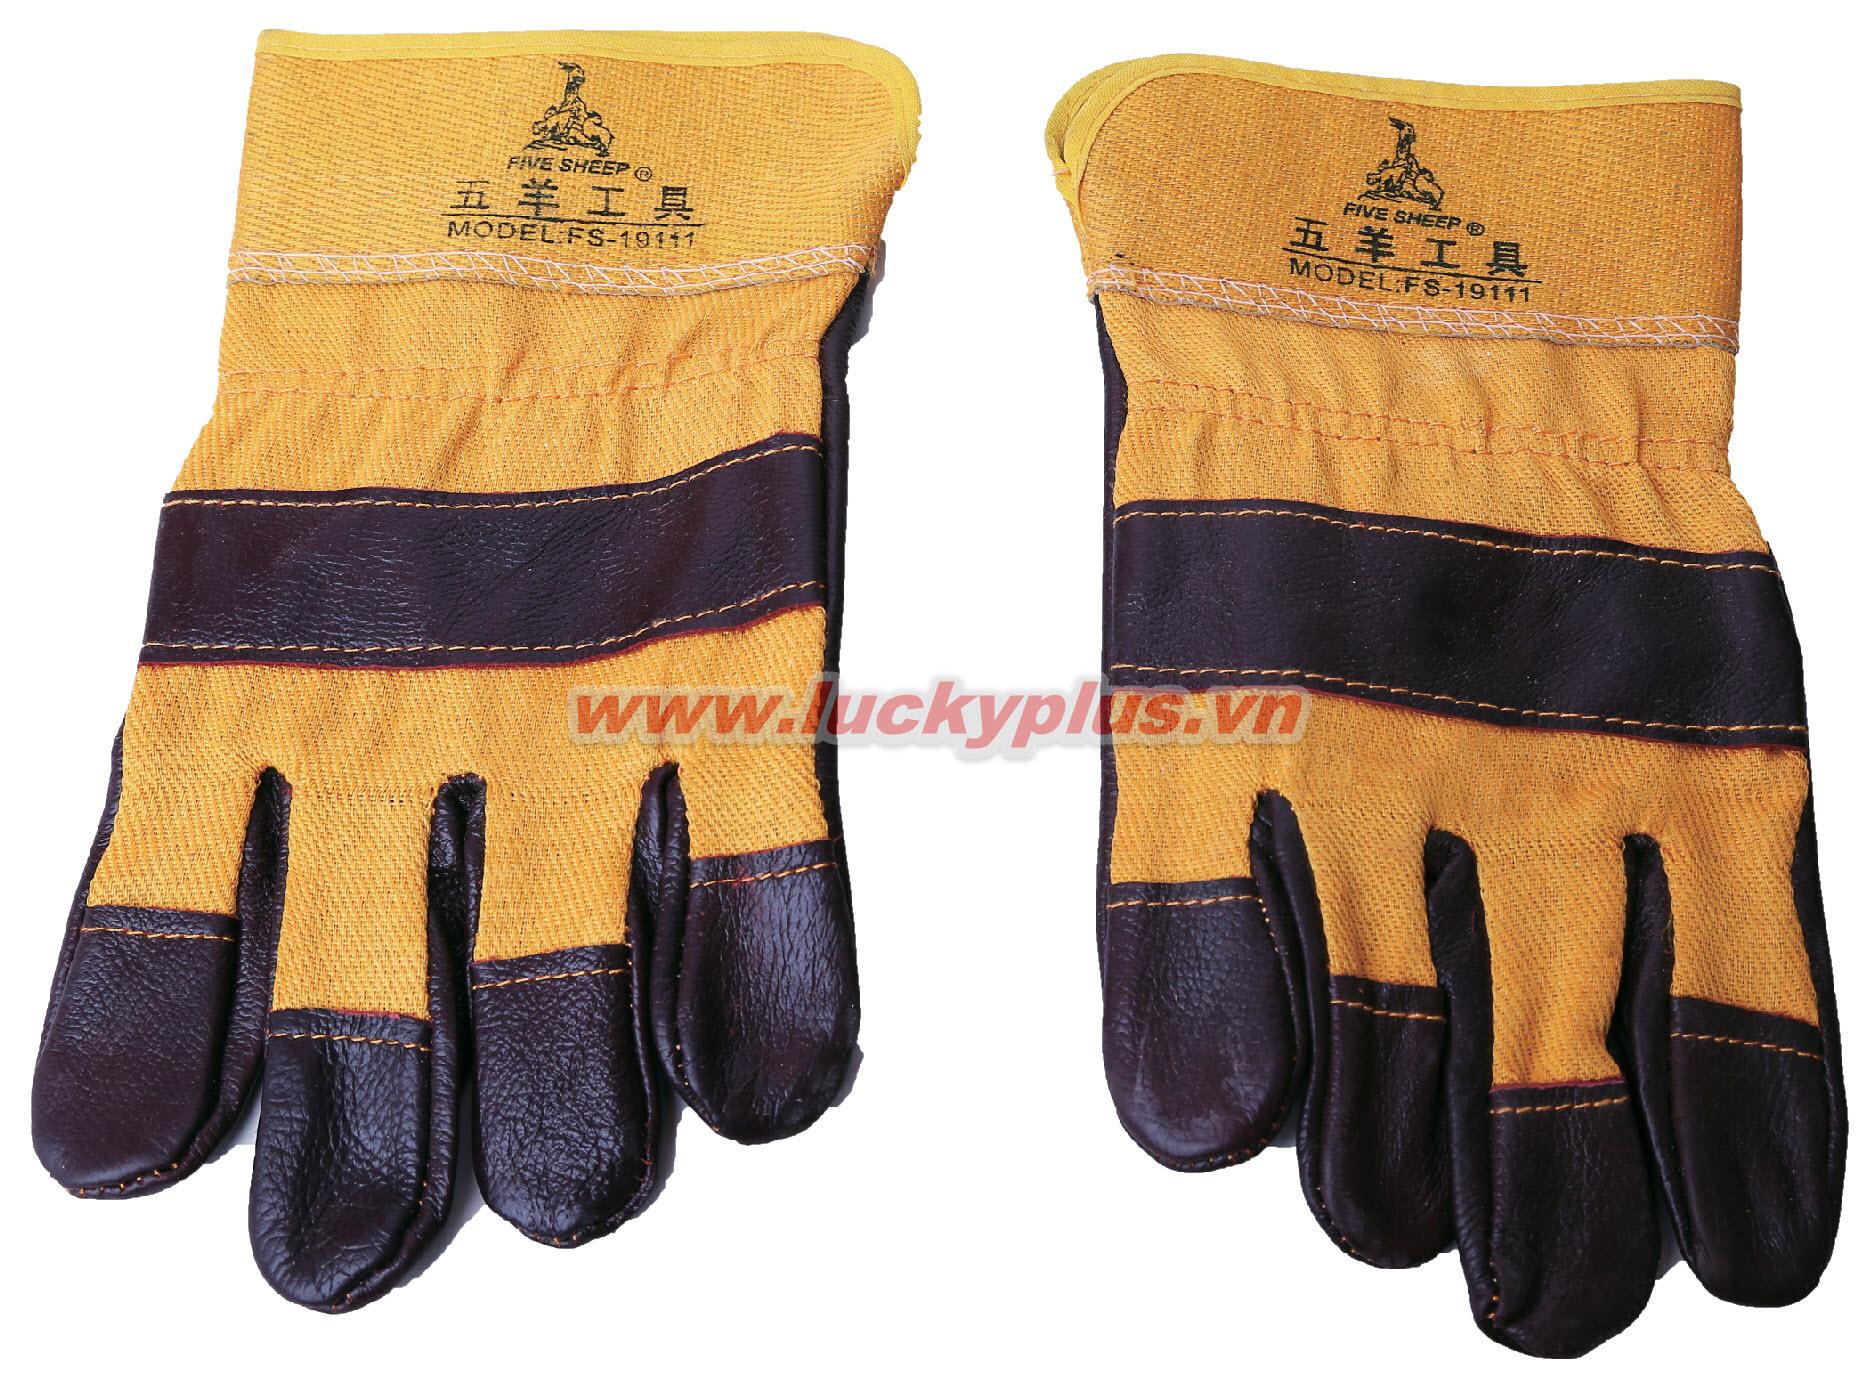 Găng tay hàn FiveSheep FS-19111 10.5''